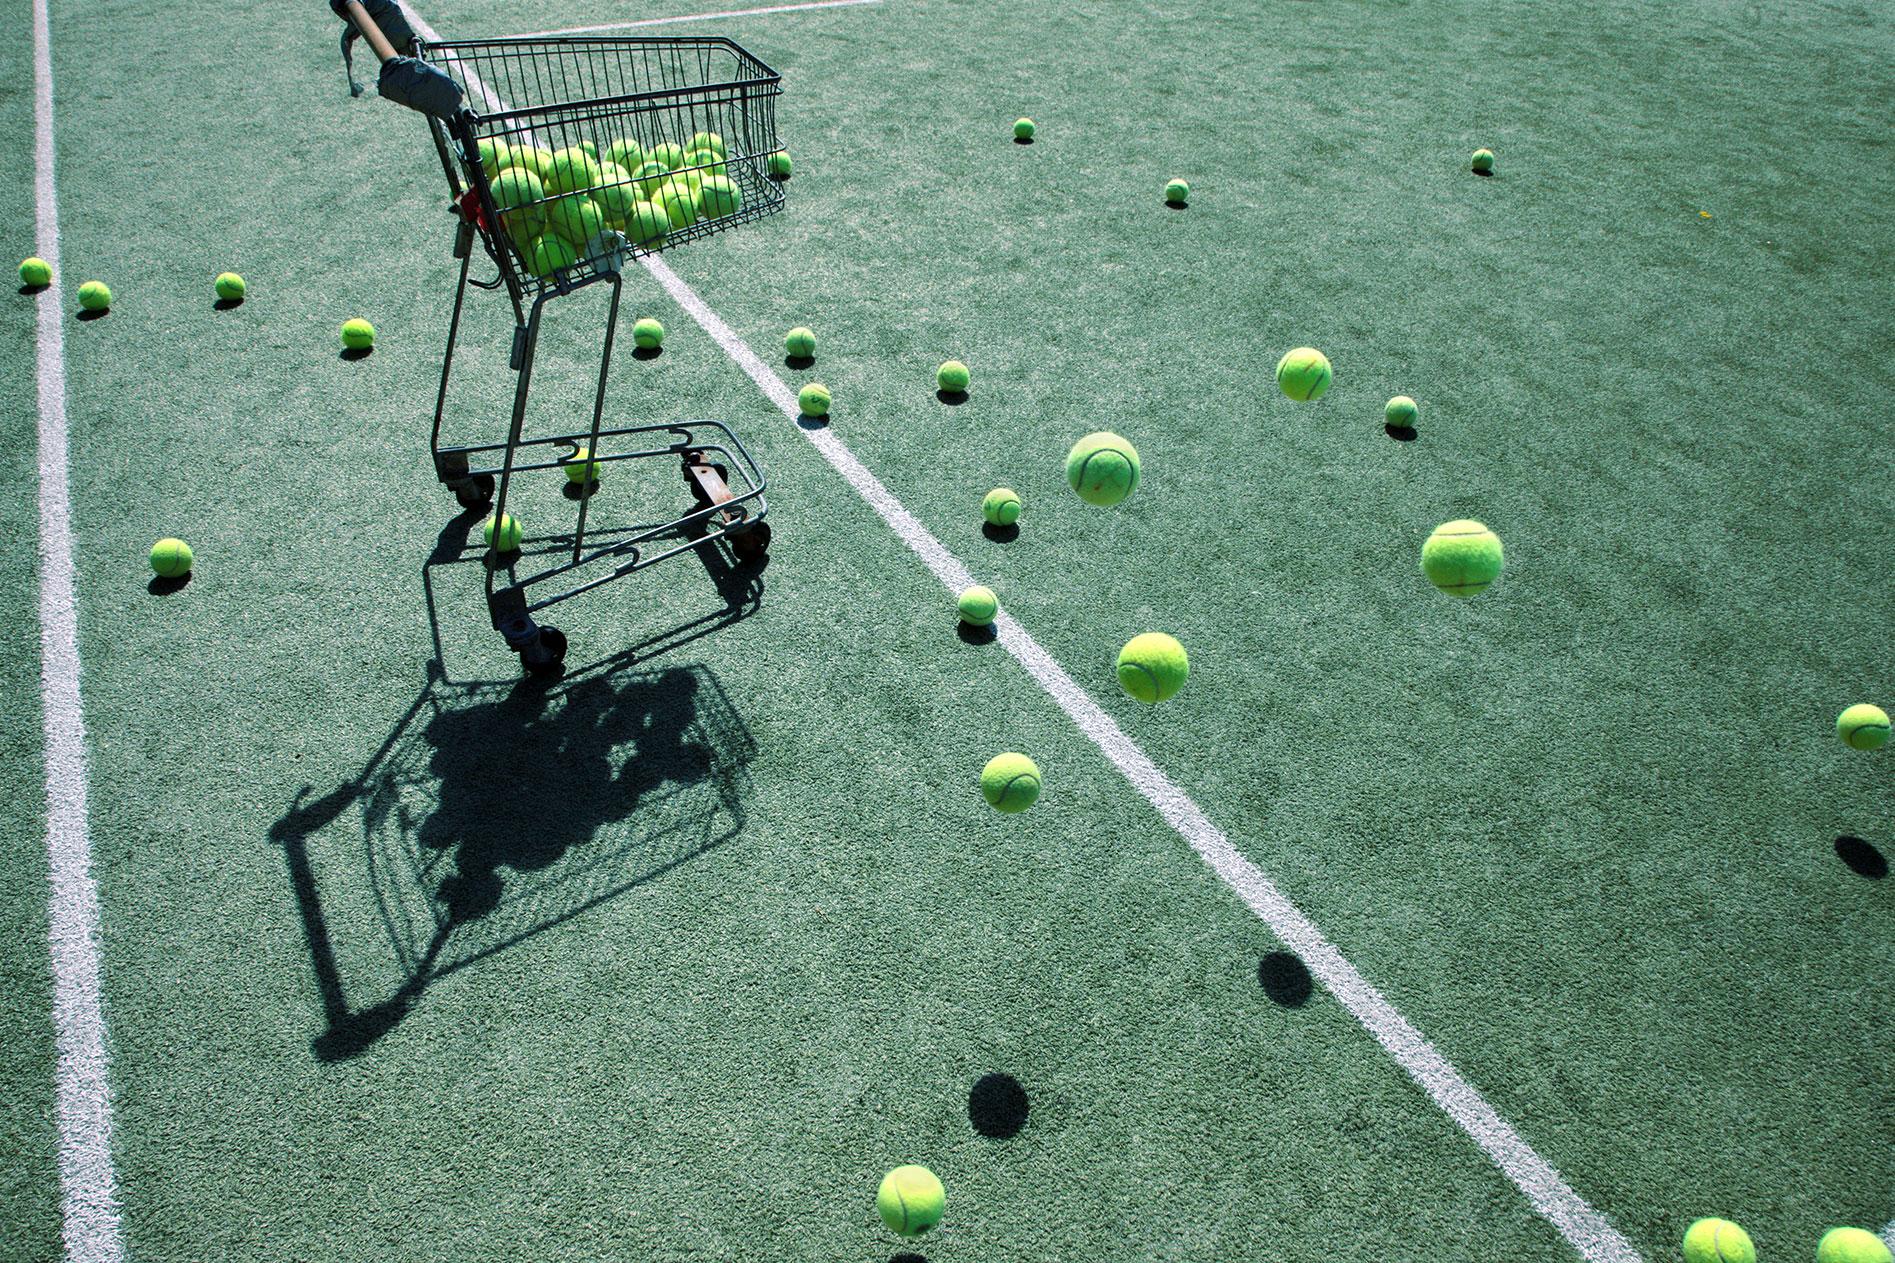 A cart full of tennis balls on a tennis ball court